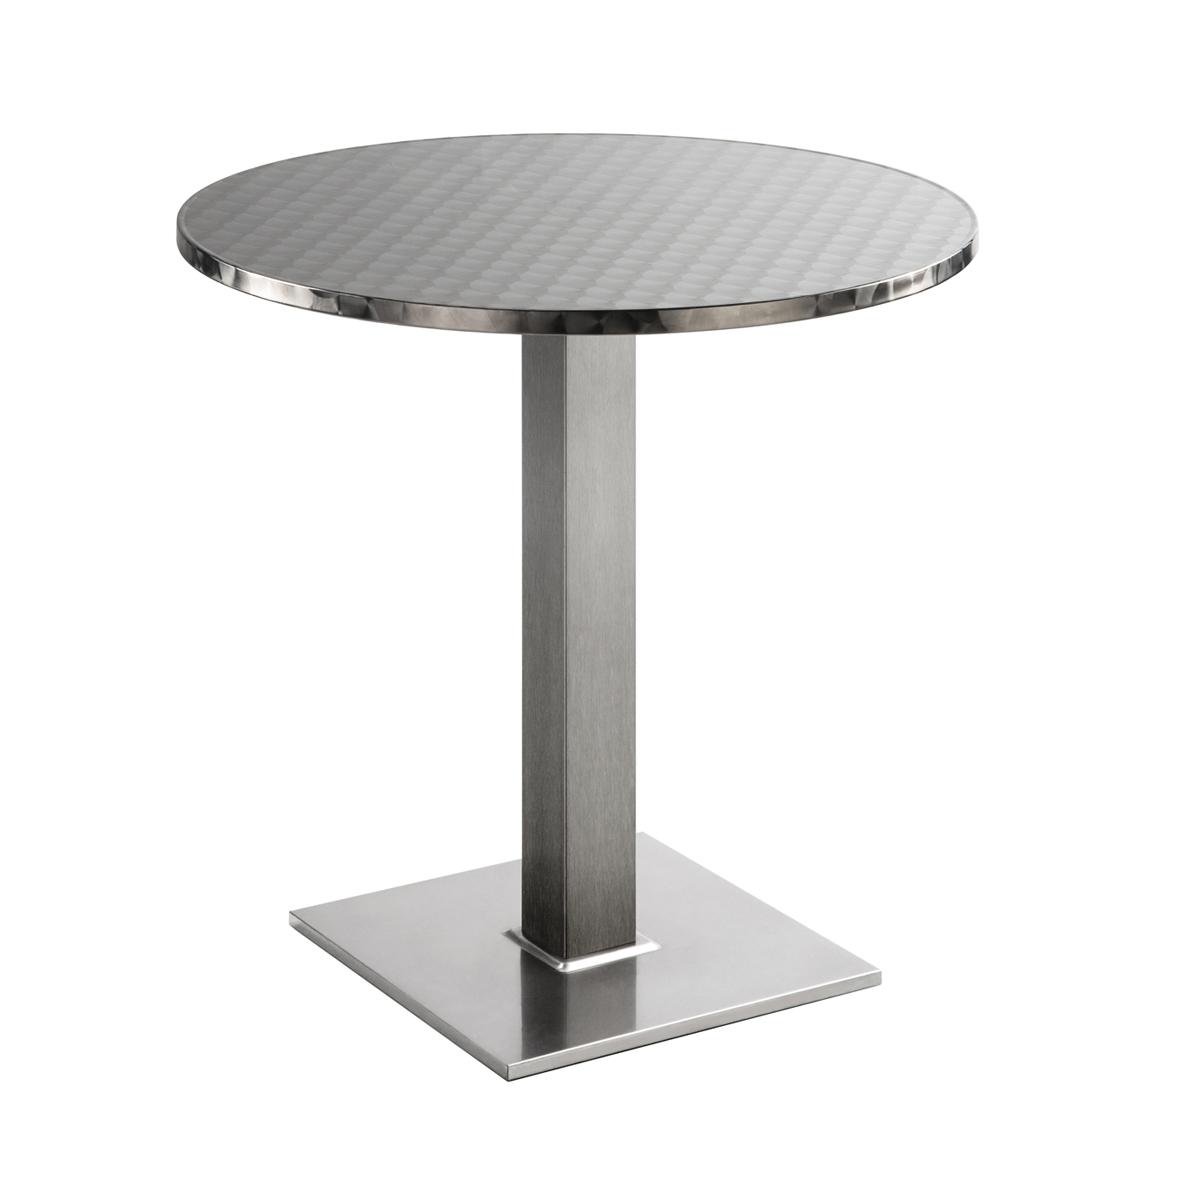 Sitztisch Quadrat, rund, Inox